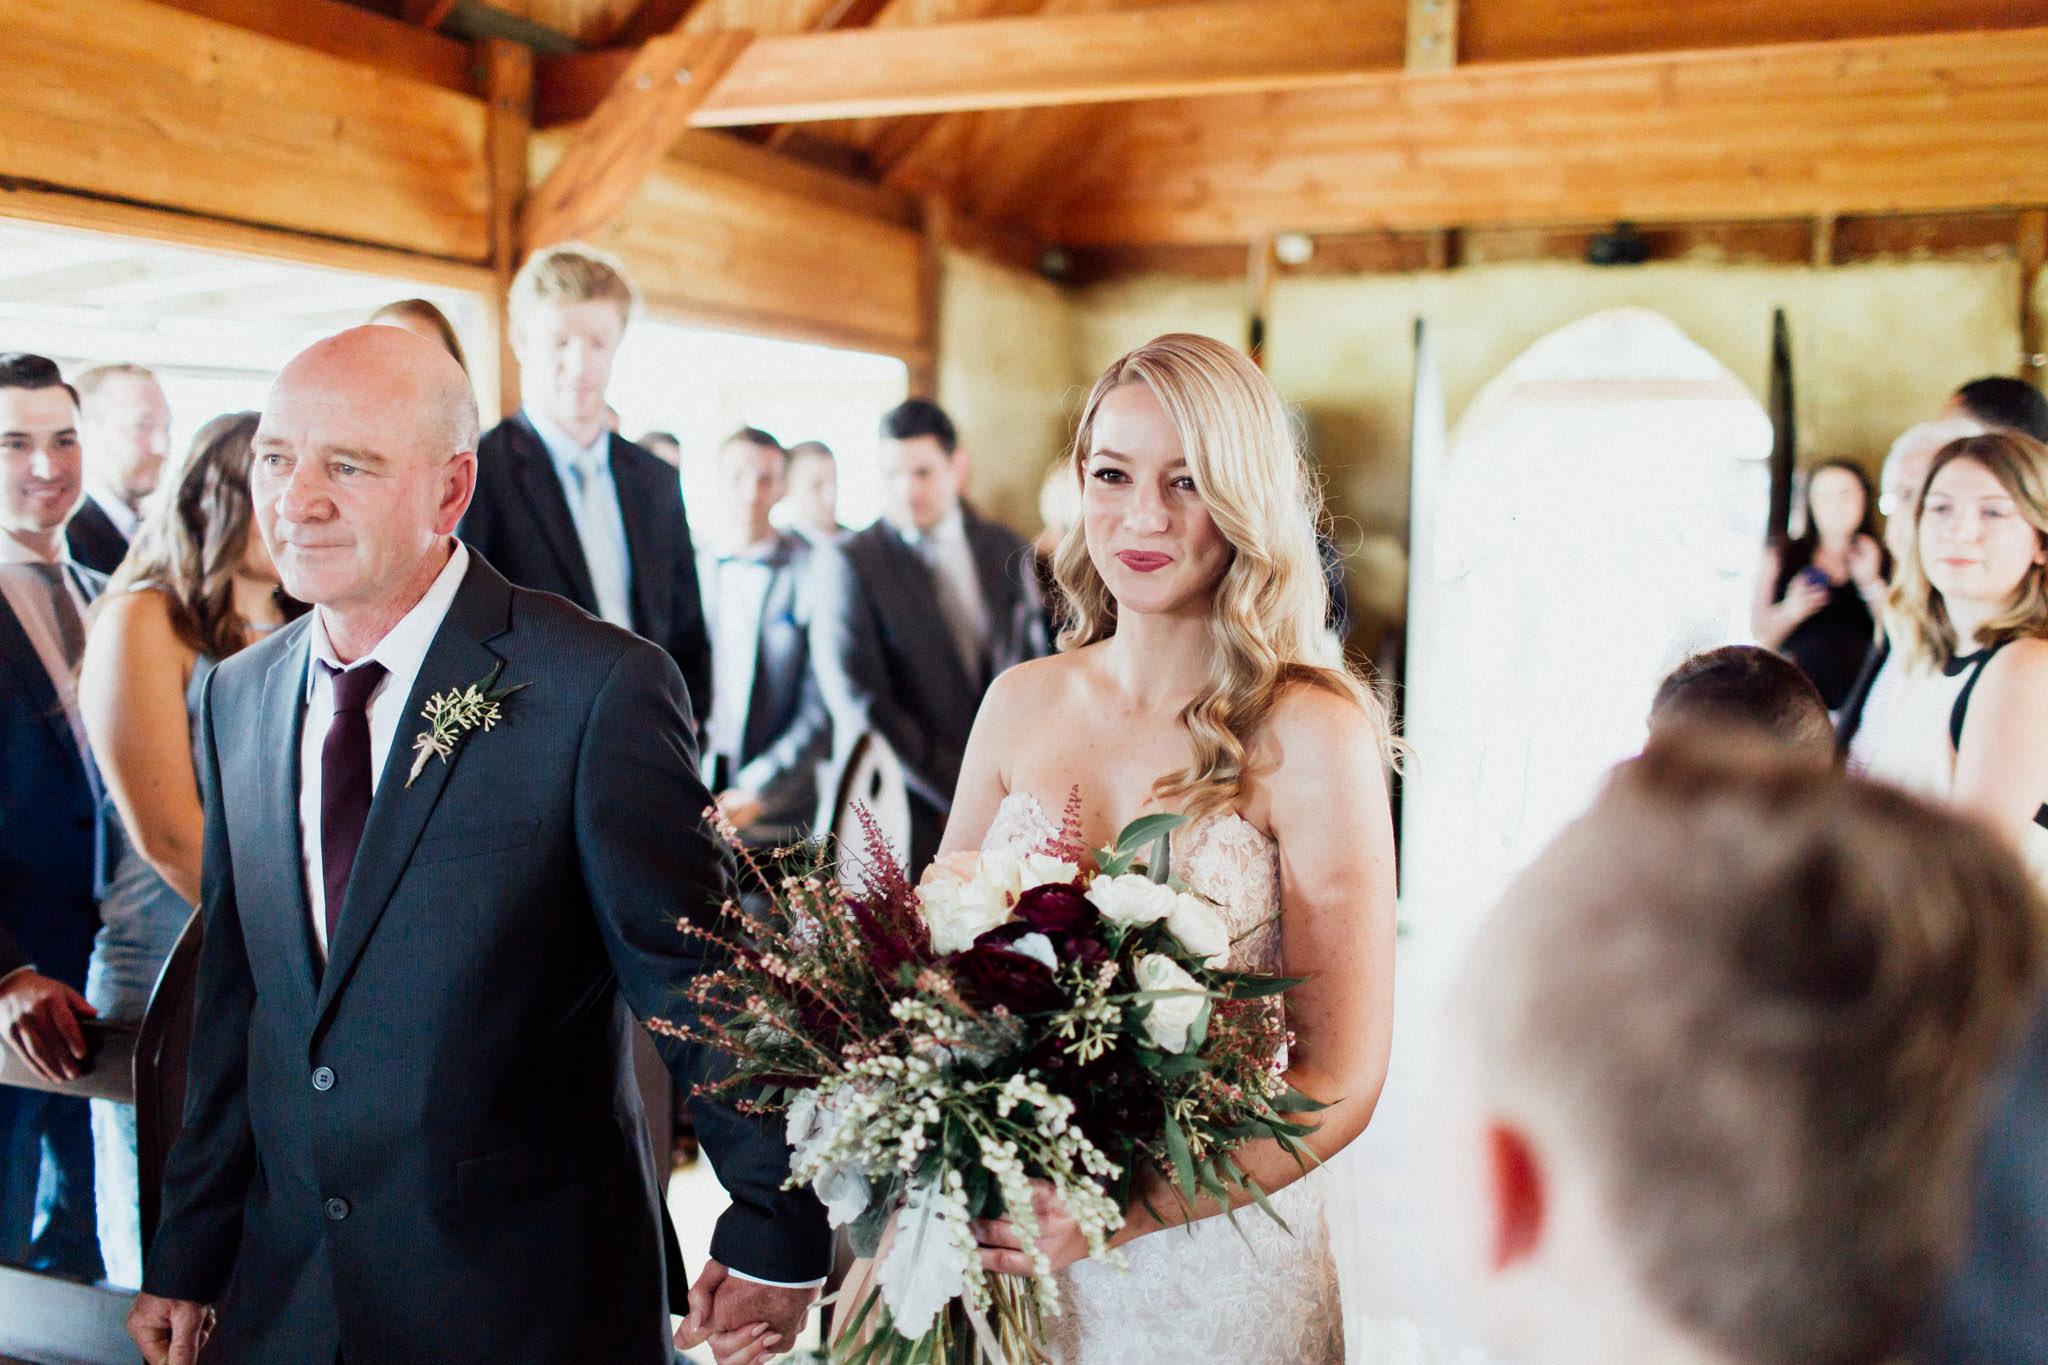 WeddingPhotos_Facebook_2048pixels-1036.jpg